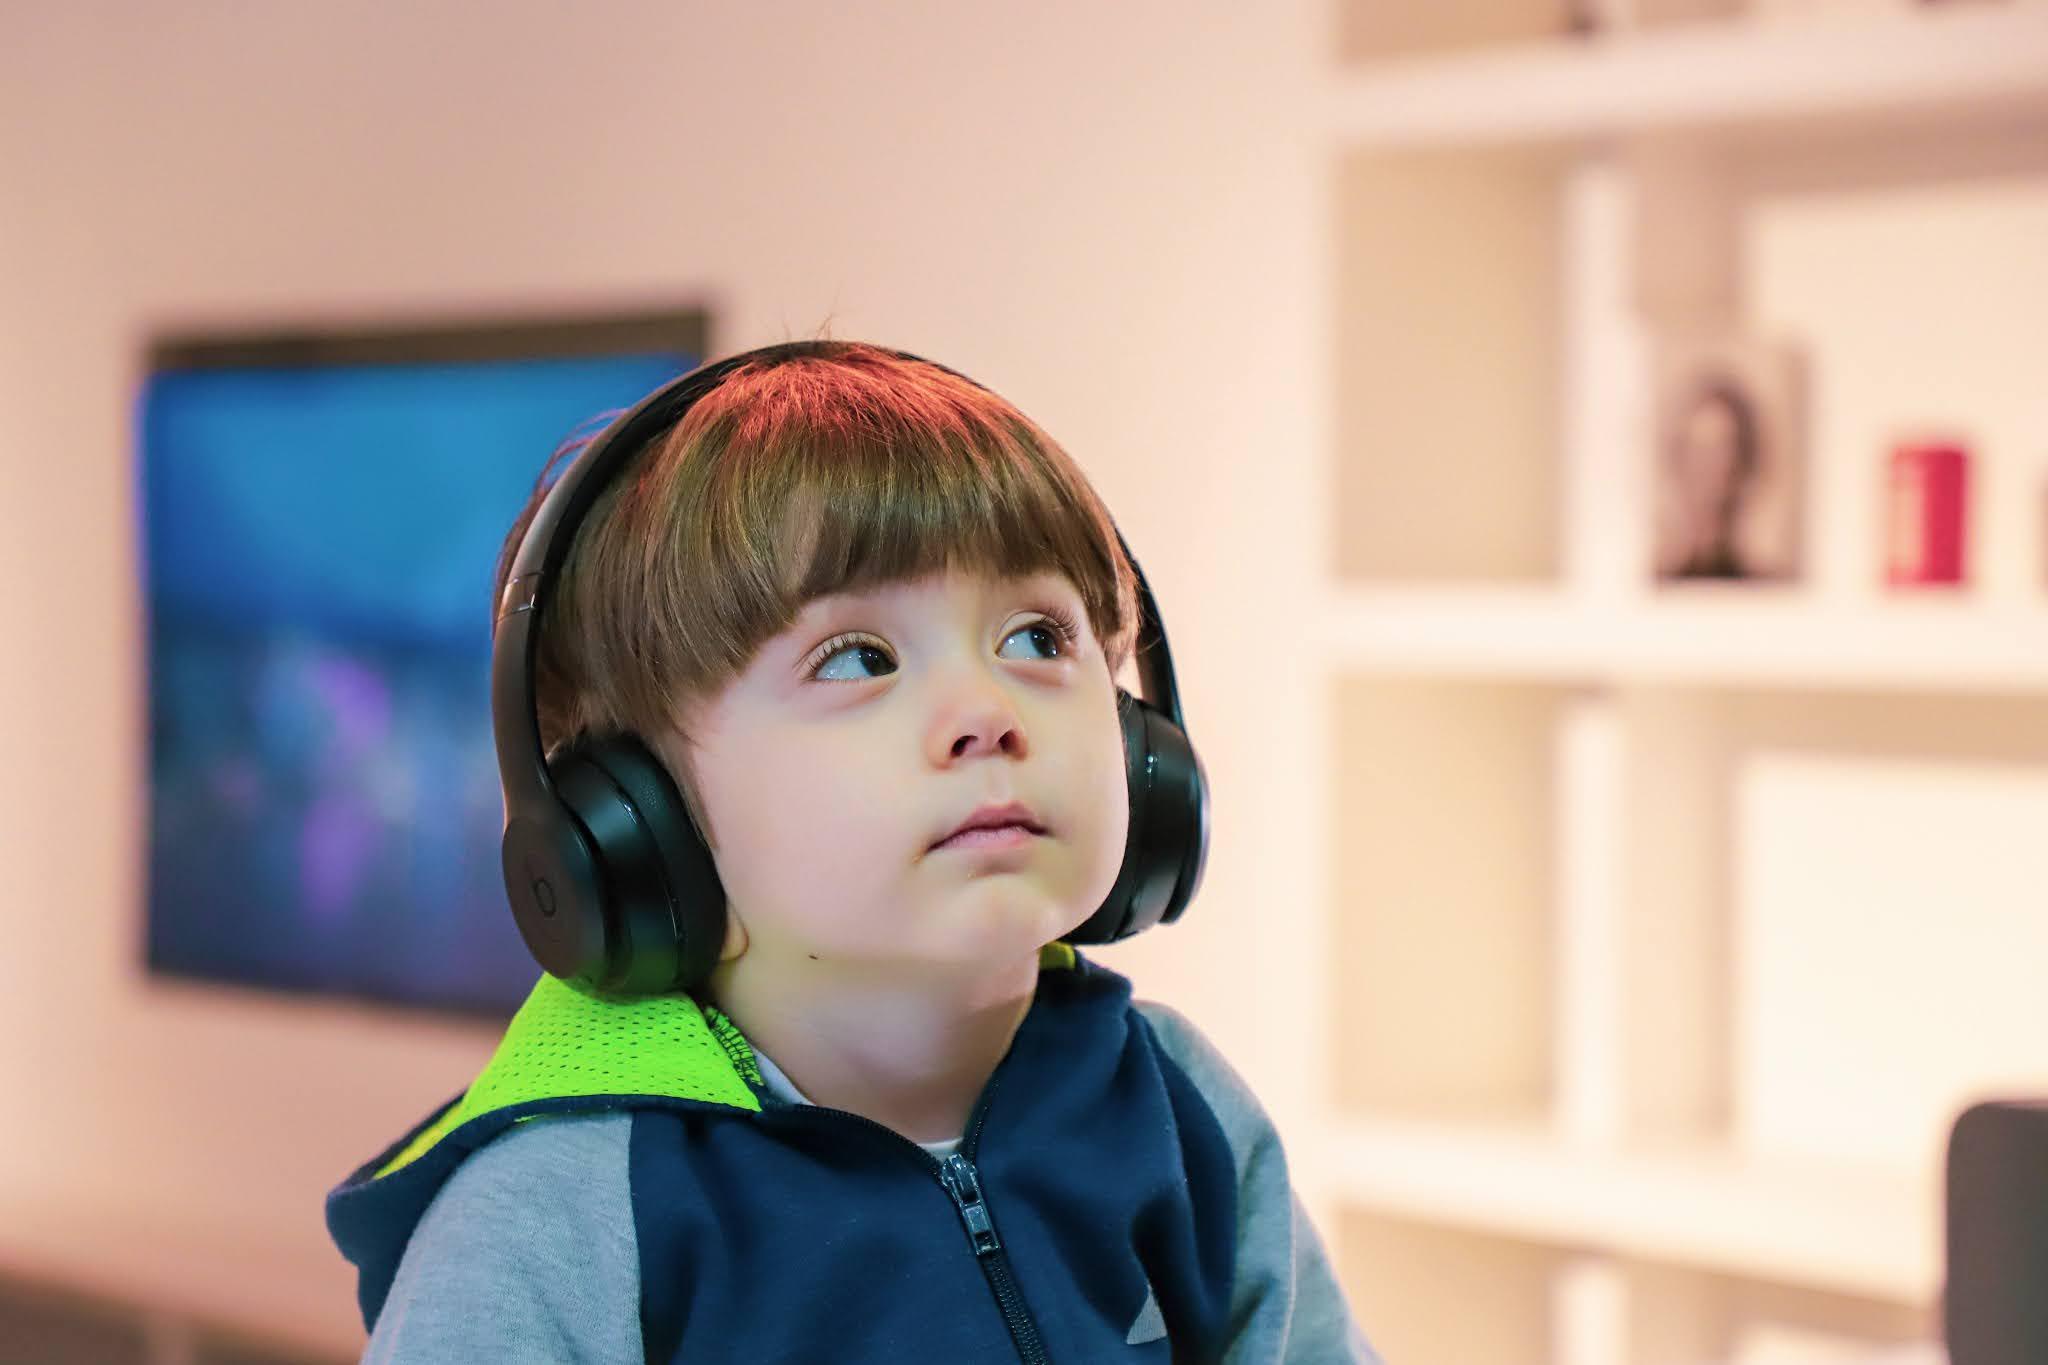 طرق معرفة اذا كان ابني لديه مشكلة بالتكلم